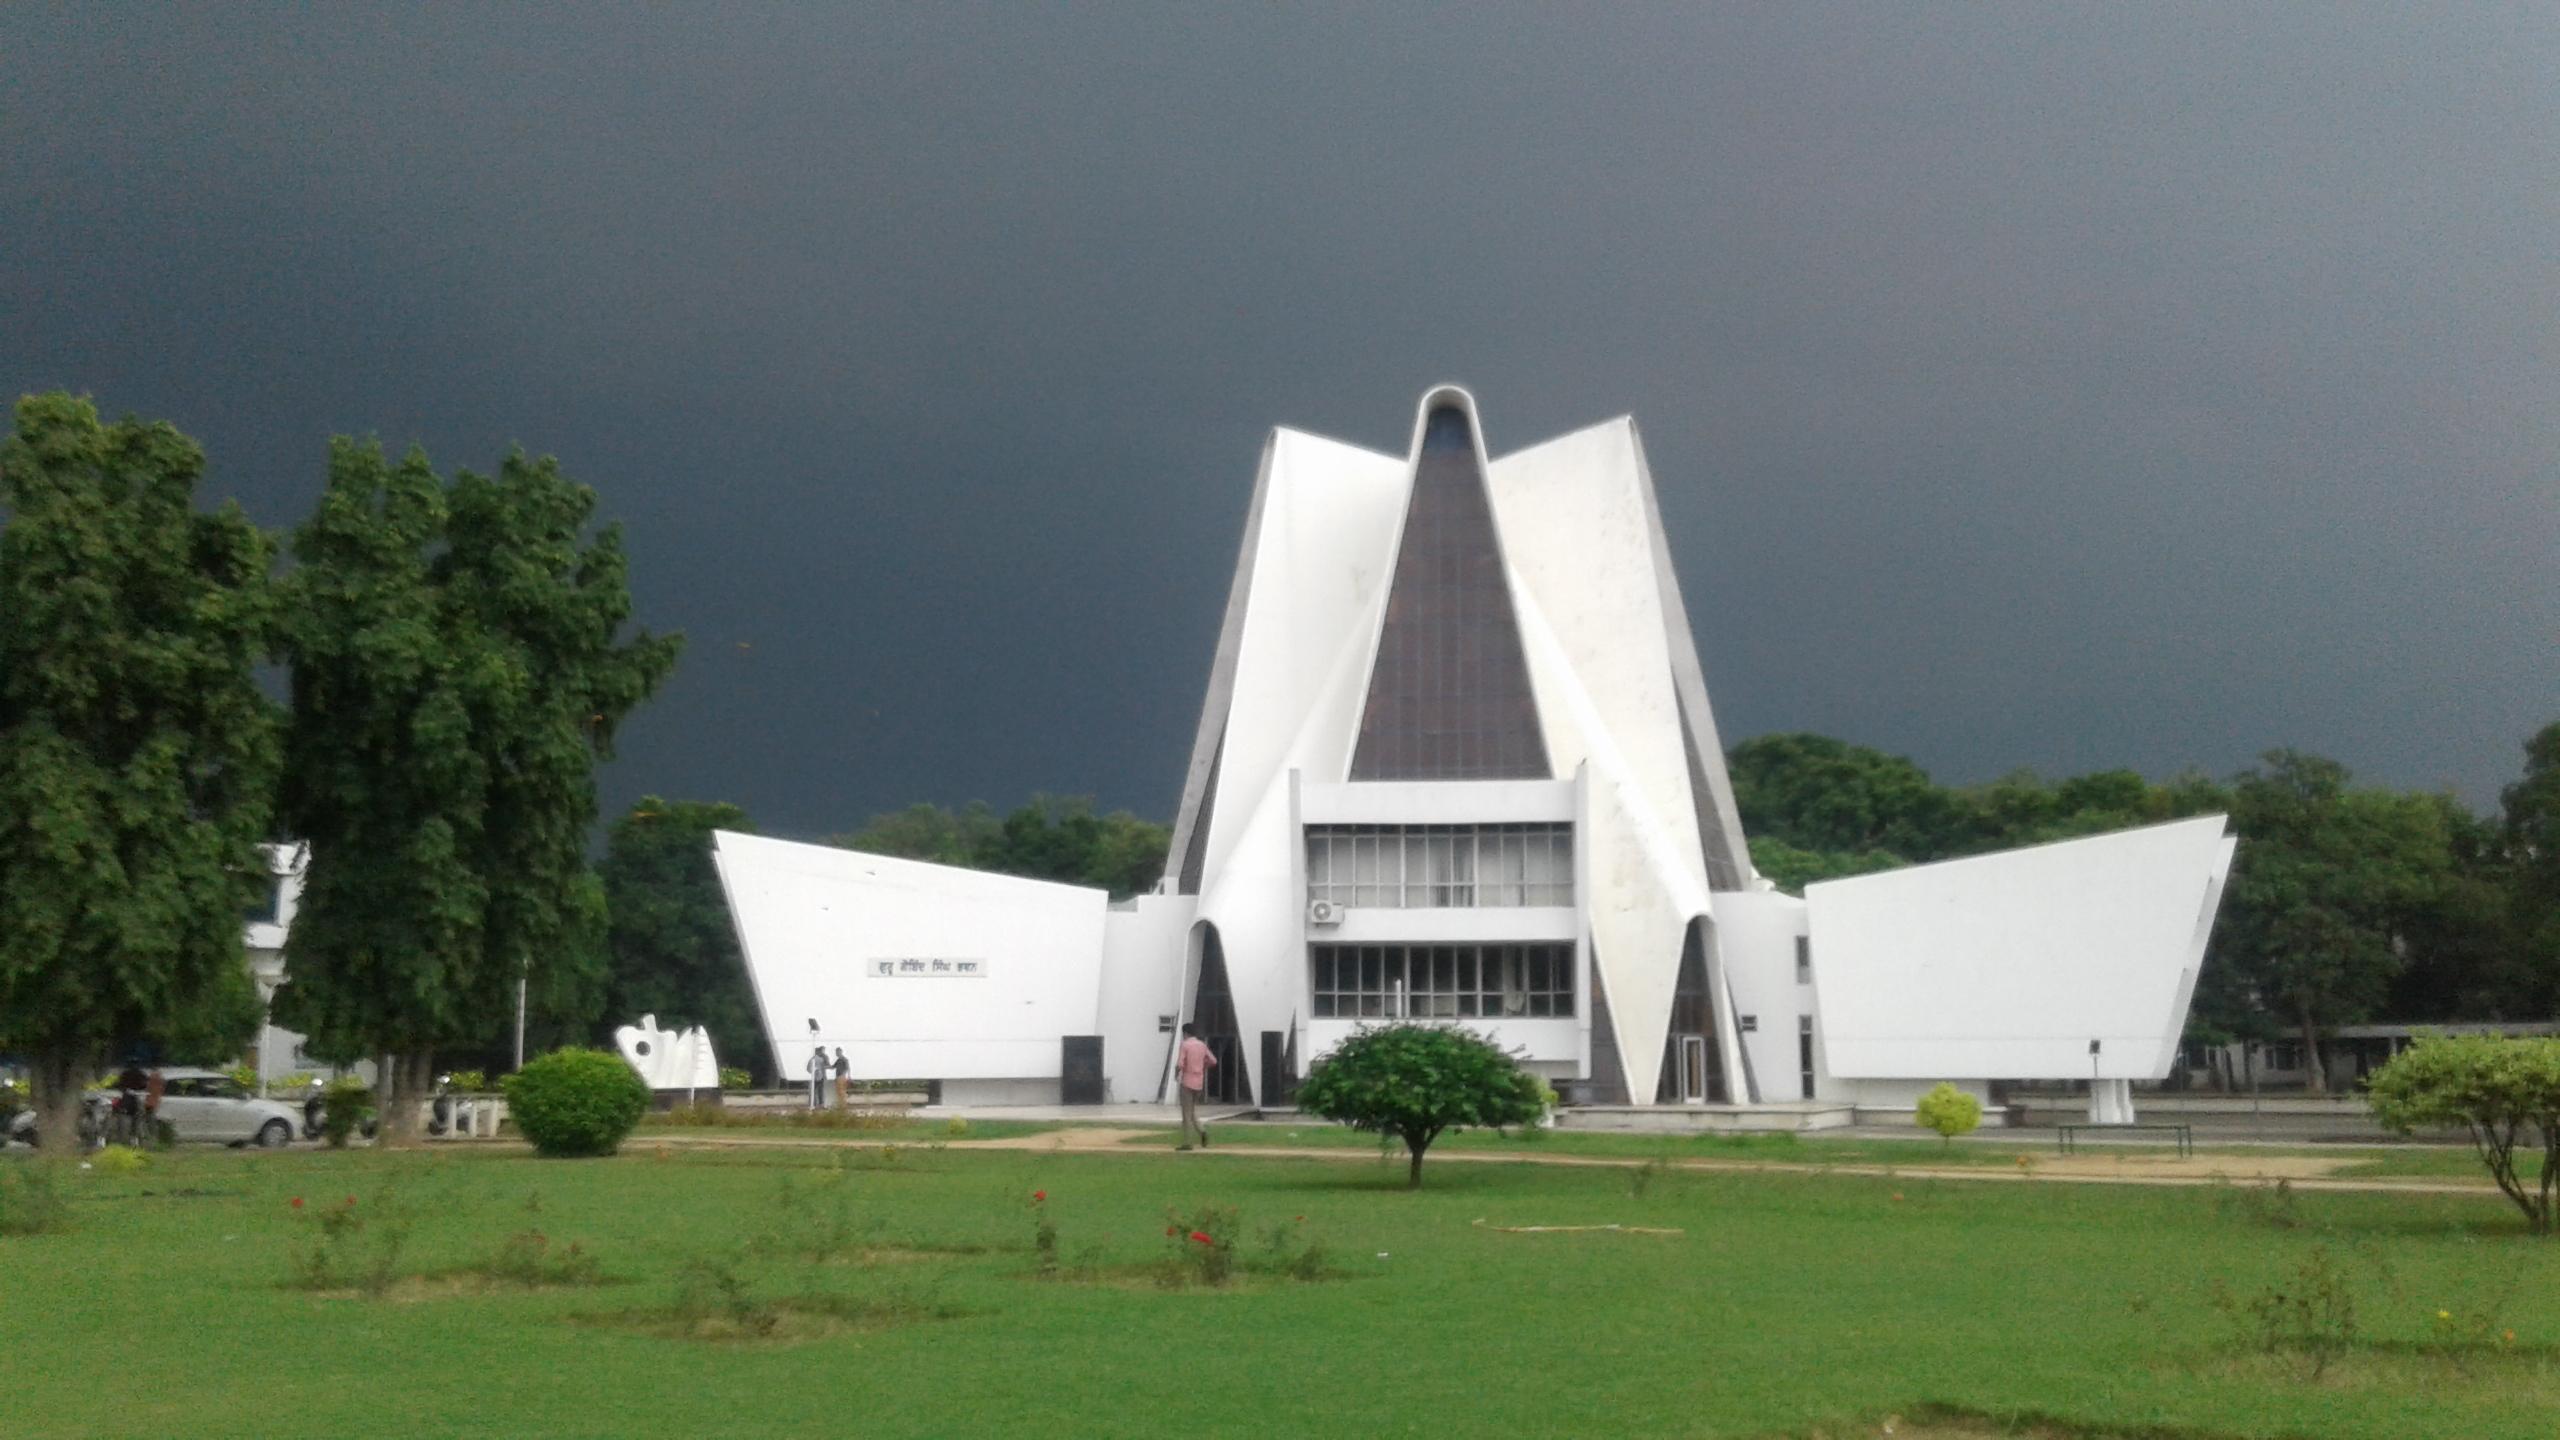 File:Punjabi university, patiala.jpg - Wikimedia Commons